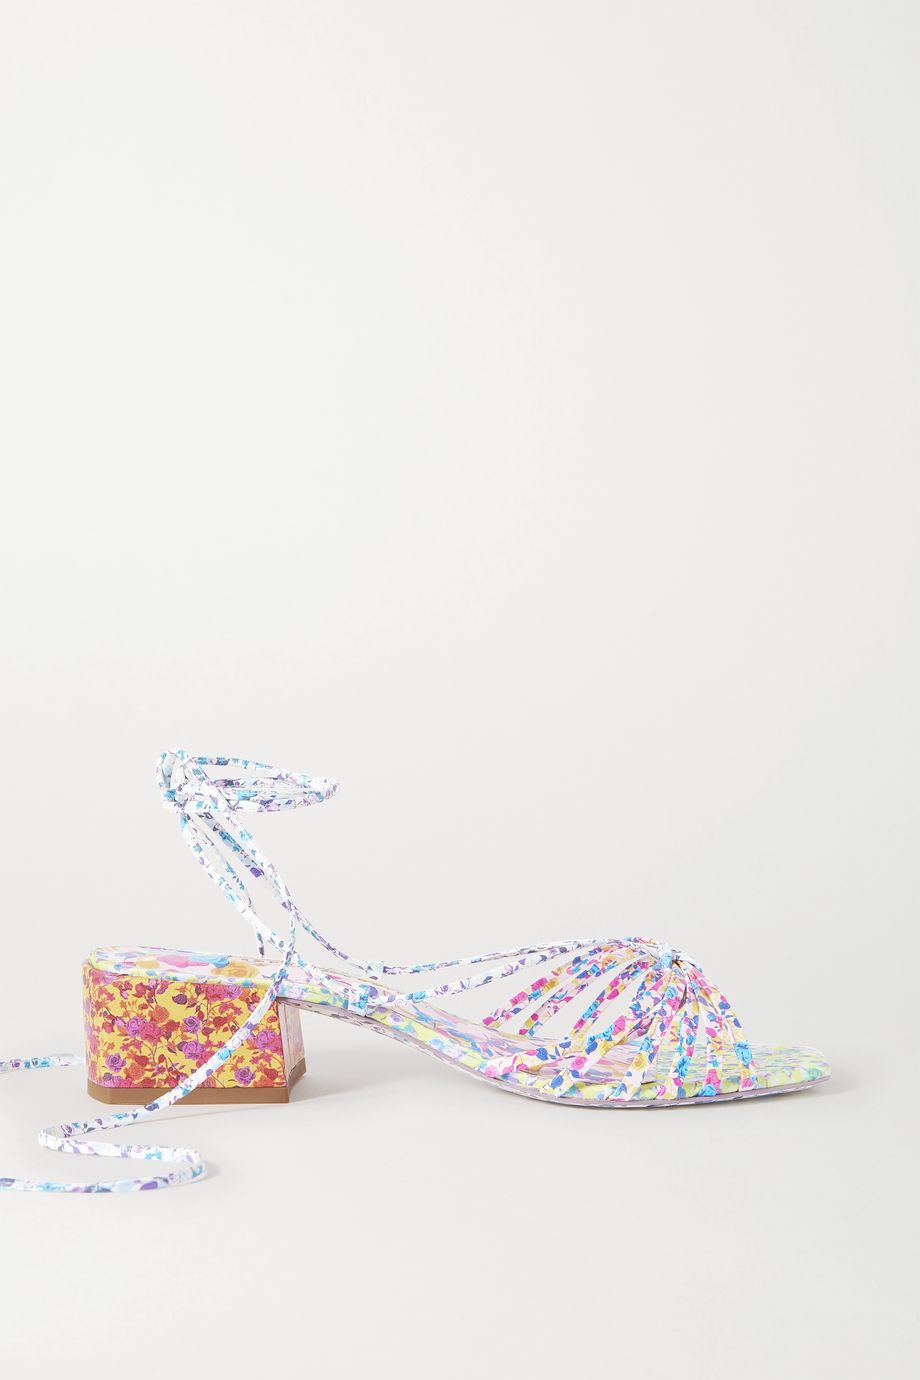 Sophia Webster Laurellie floral-print leather sandals